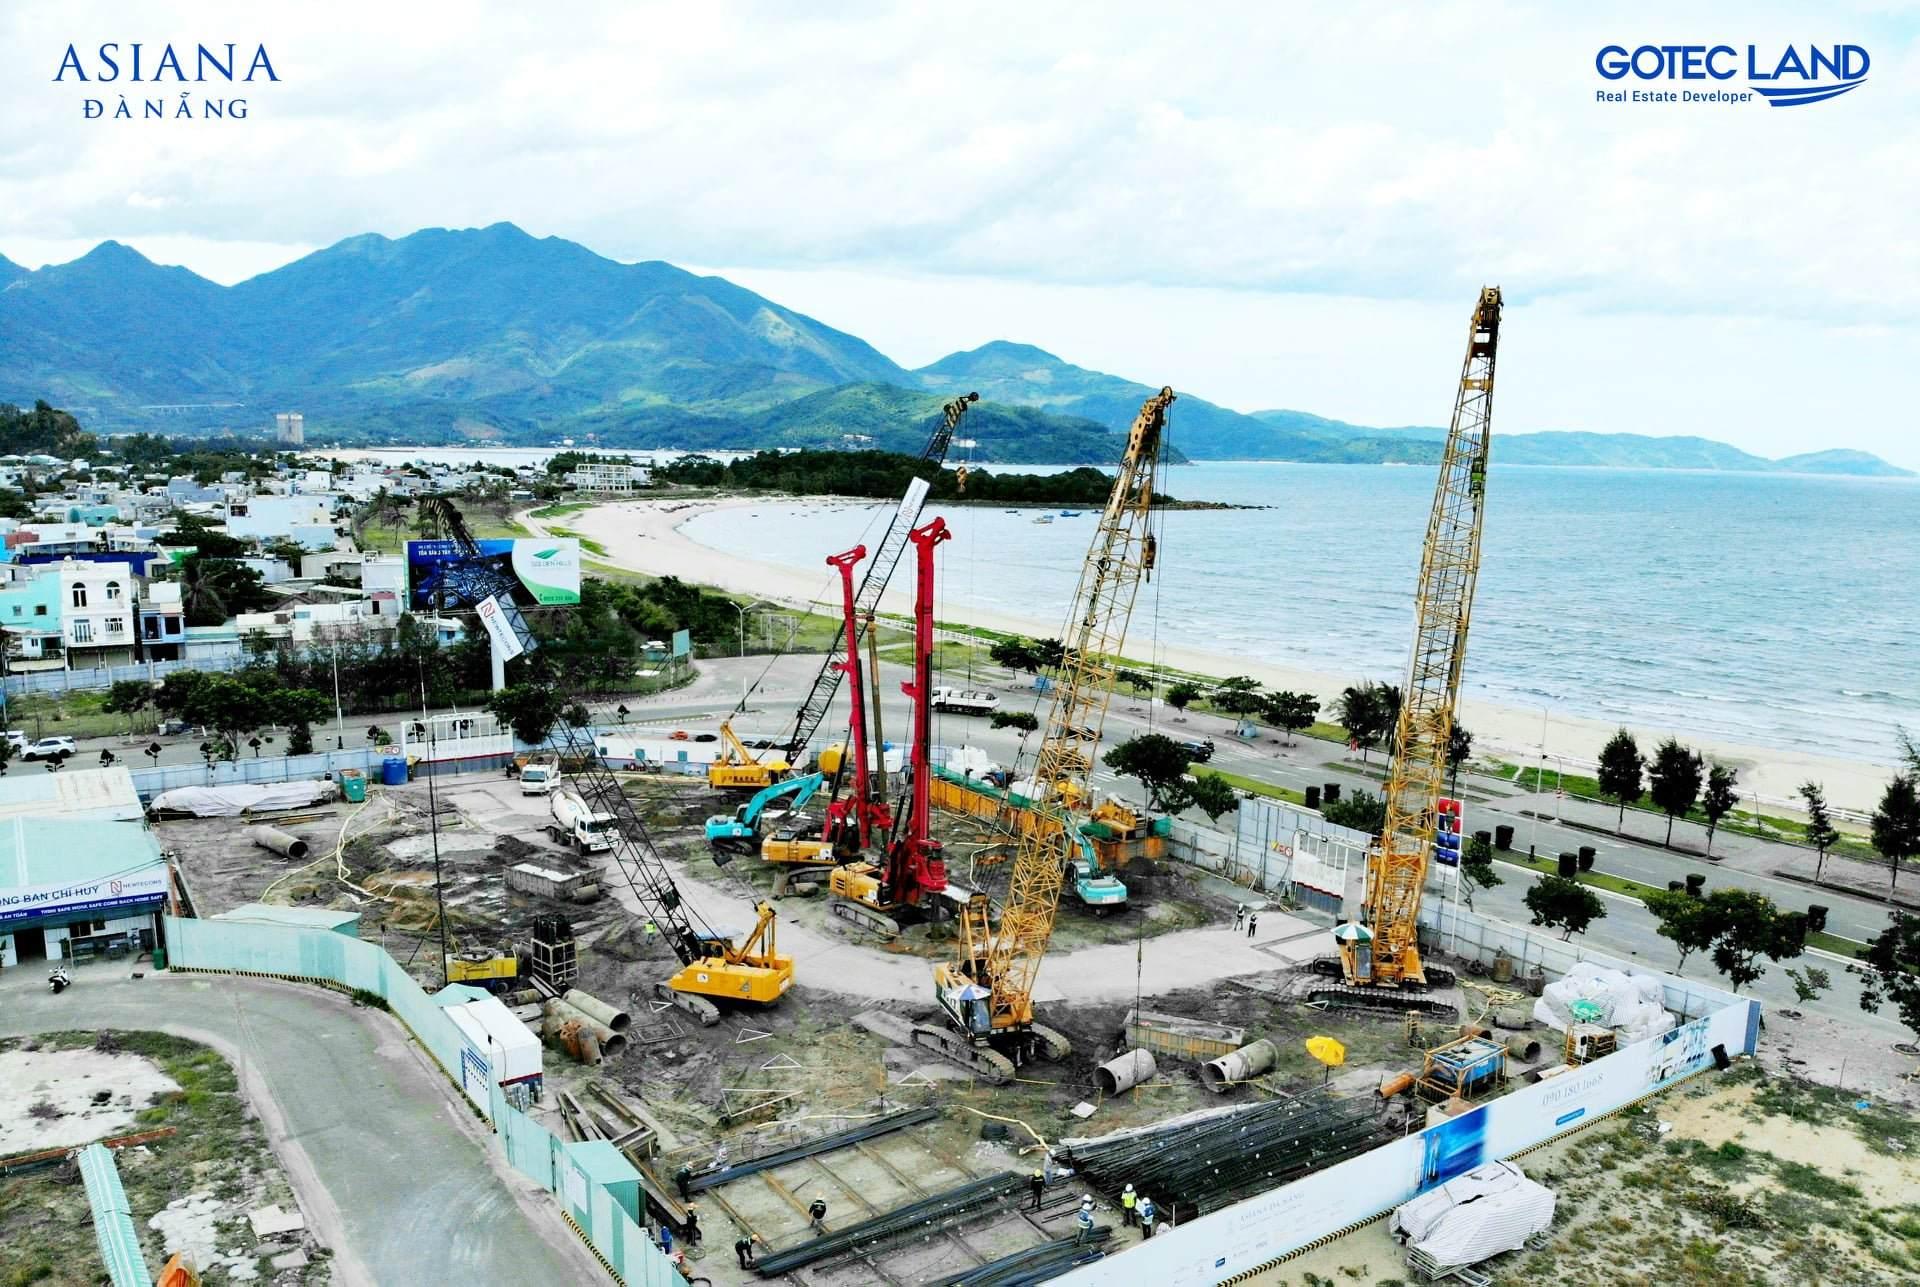 Tiến độ xây dựng Asiana Đà Nẵng T8/2021